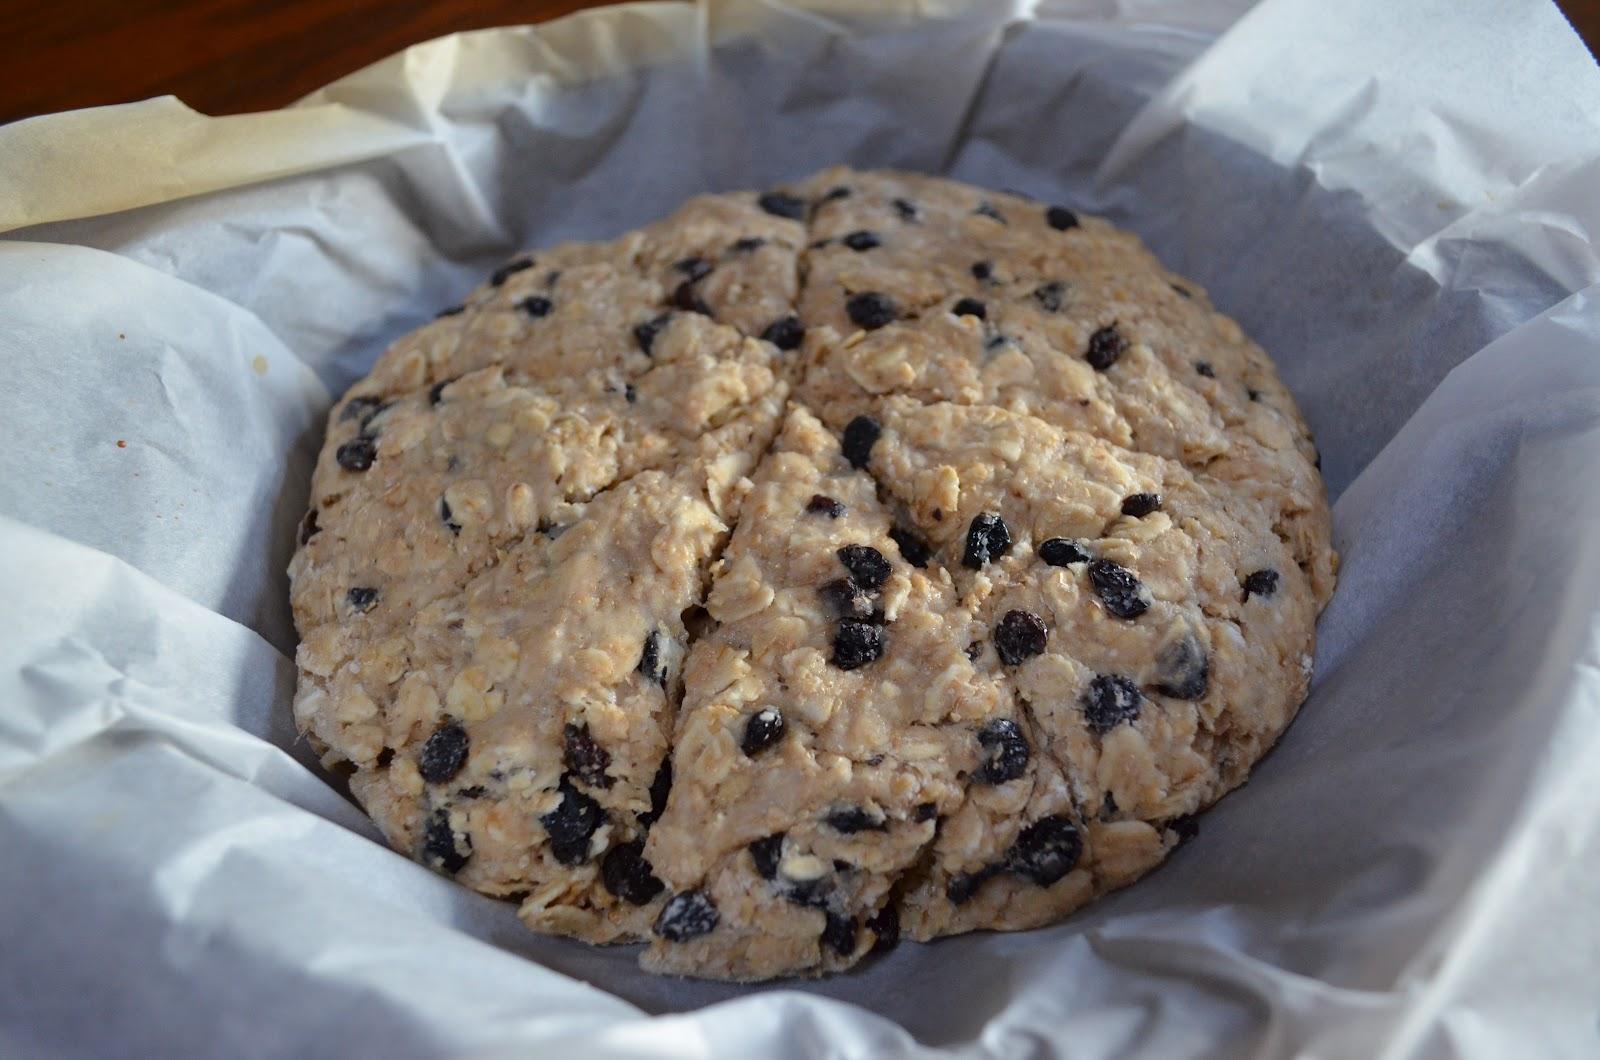 scones raisin scones raisin scones cream scones scottish oat scones ...